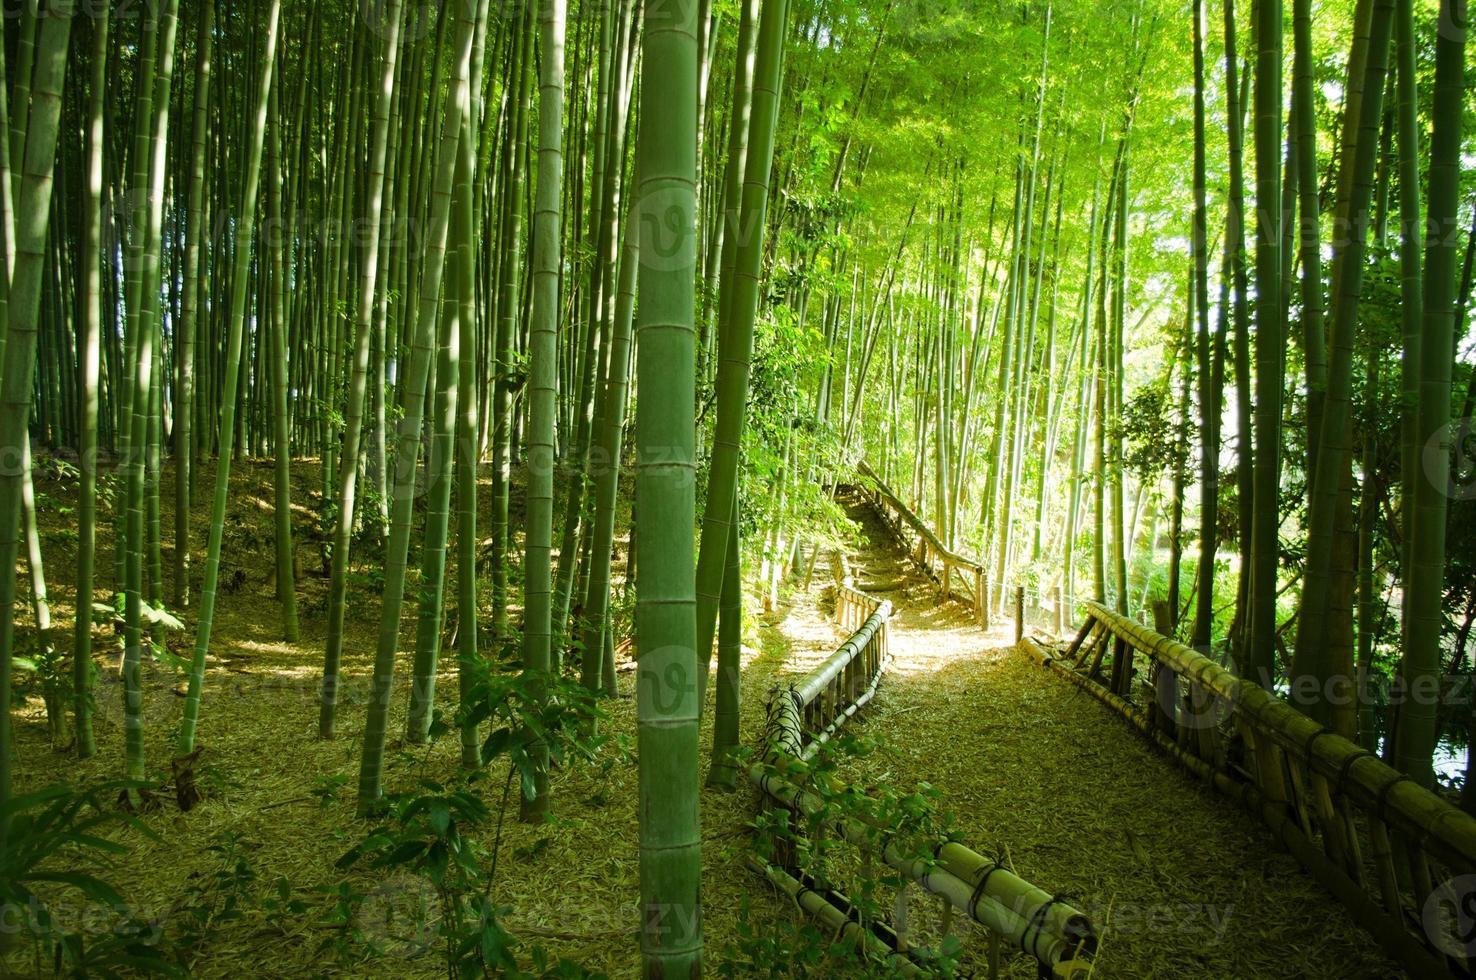 chemin de la forêt de bambou photo